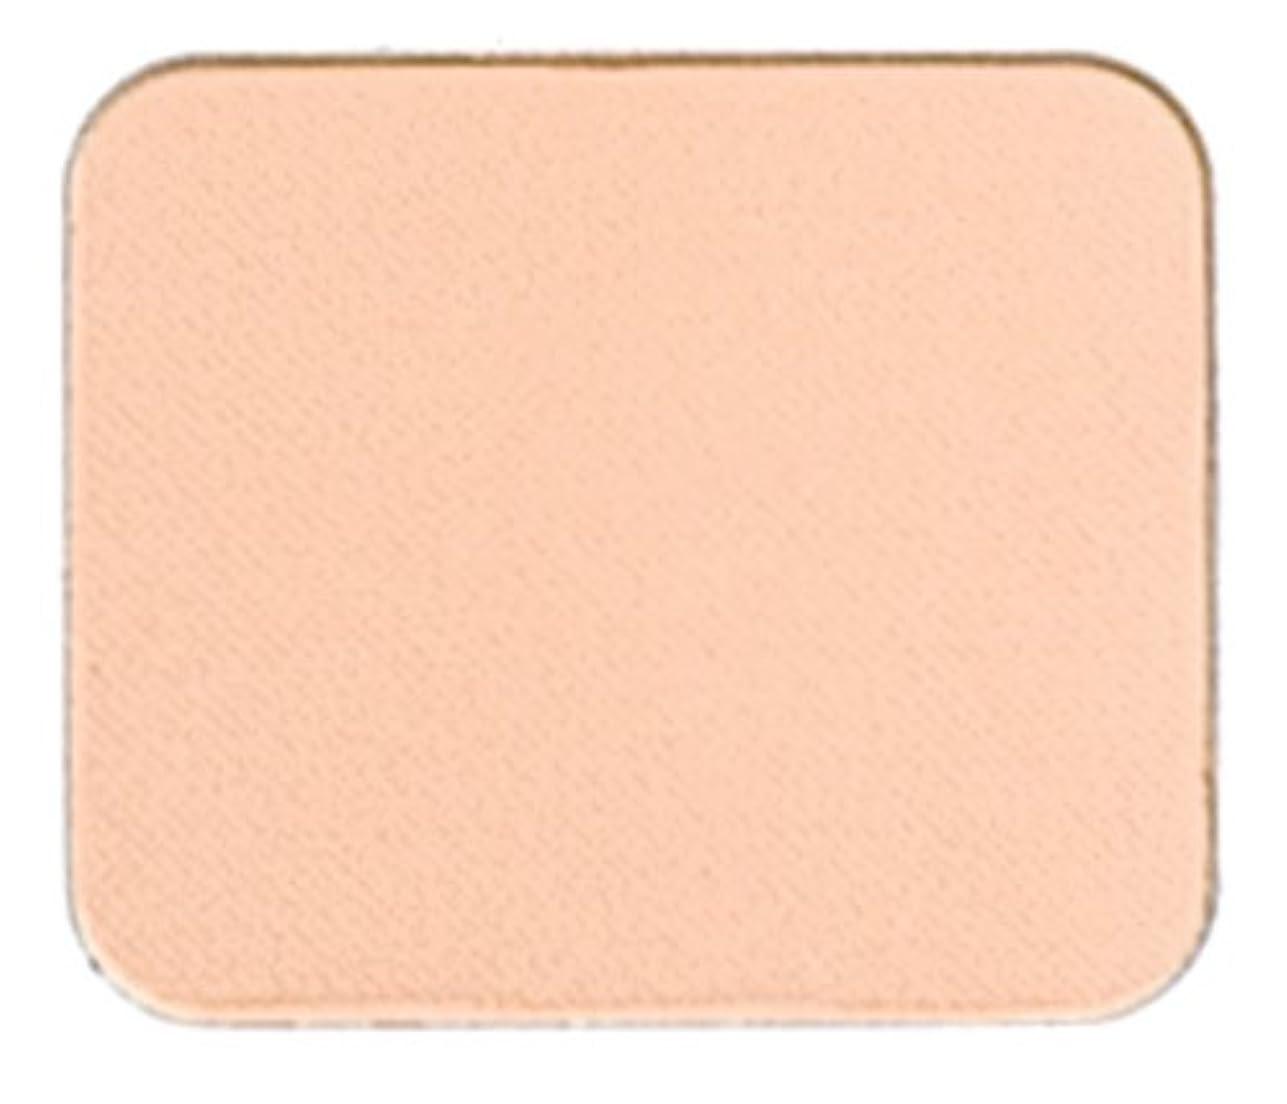 ヘルパー書き出す芝生ドクターシーラボ BBパーフェクトファンデーション WHITE377プラス ナチュラル1(明るい肌色) 12g SPF25 PA++